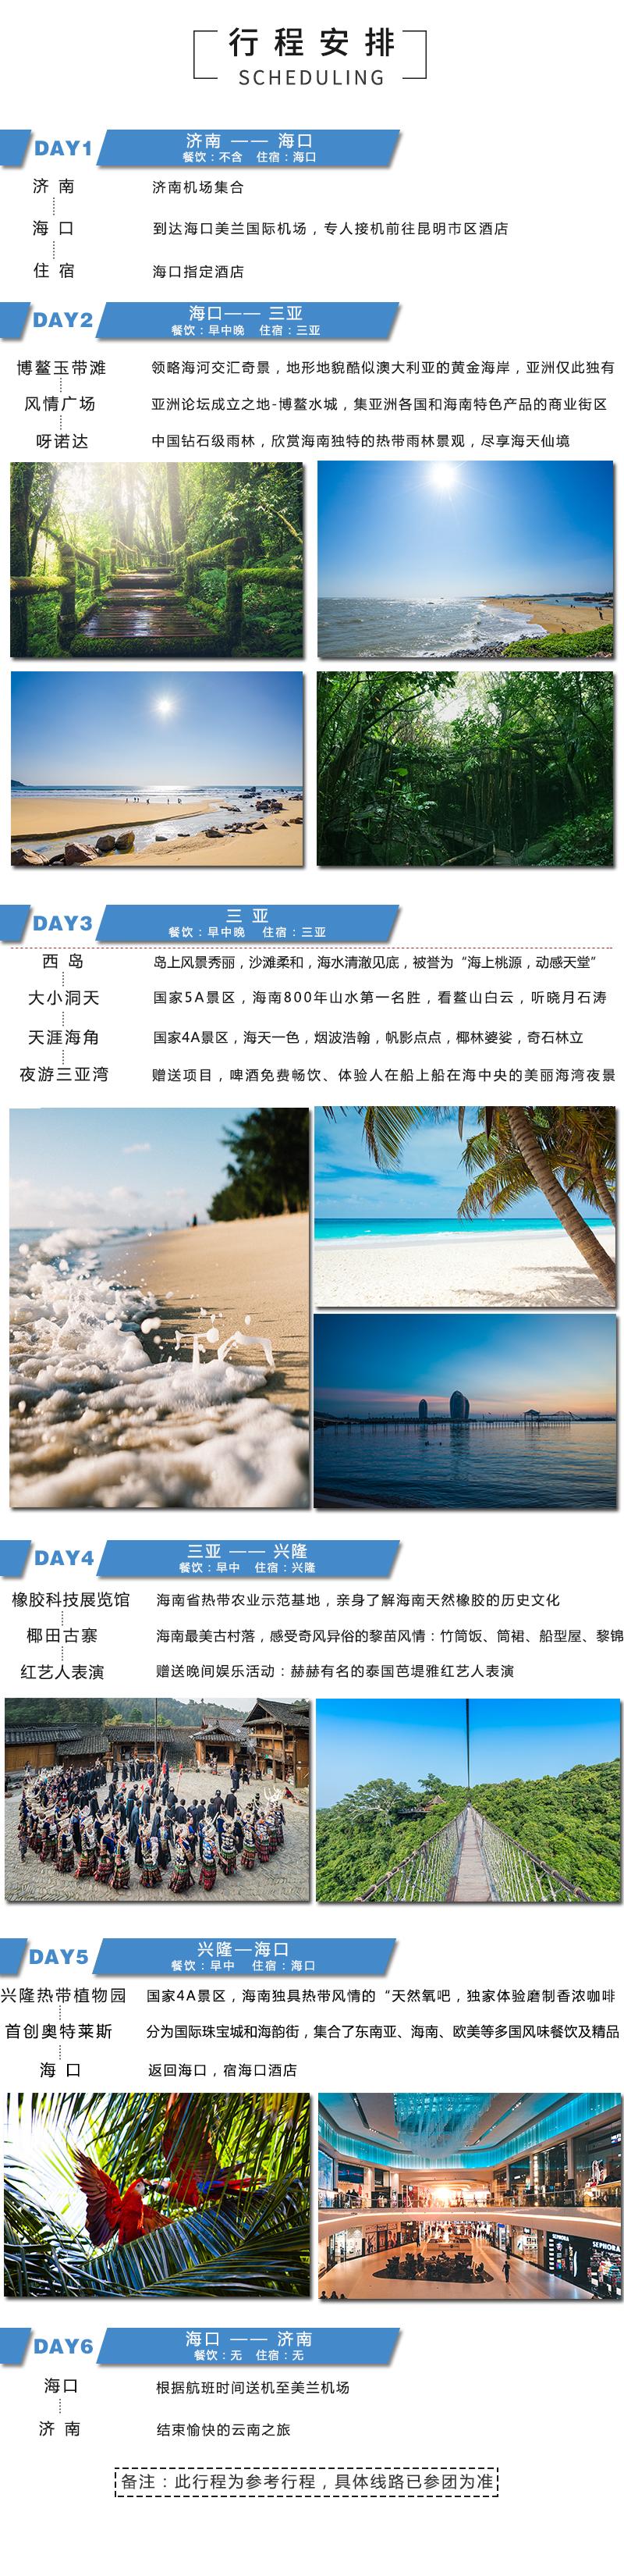 海南情页2